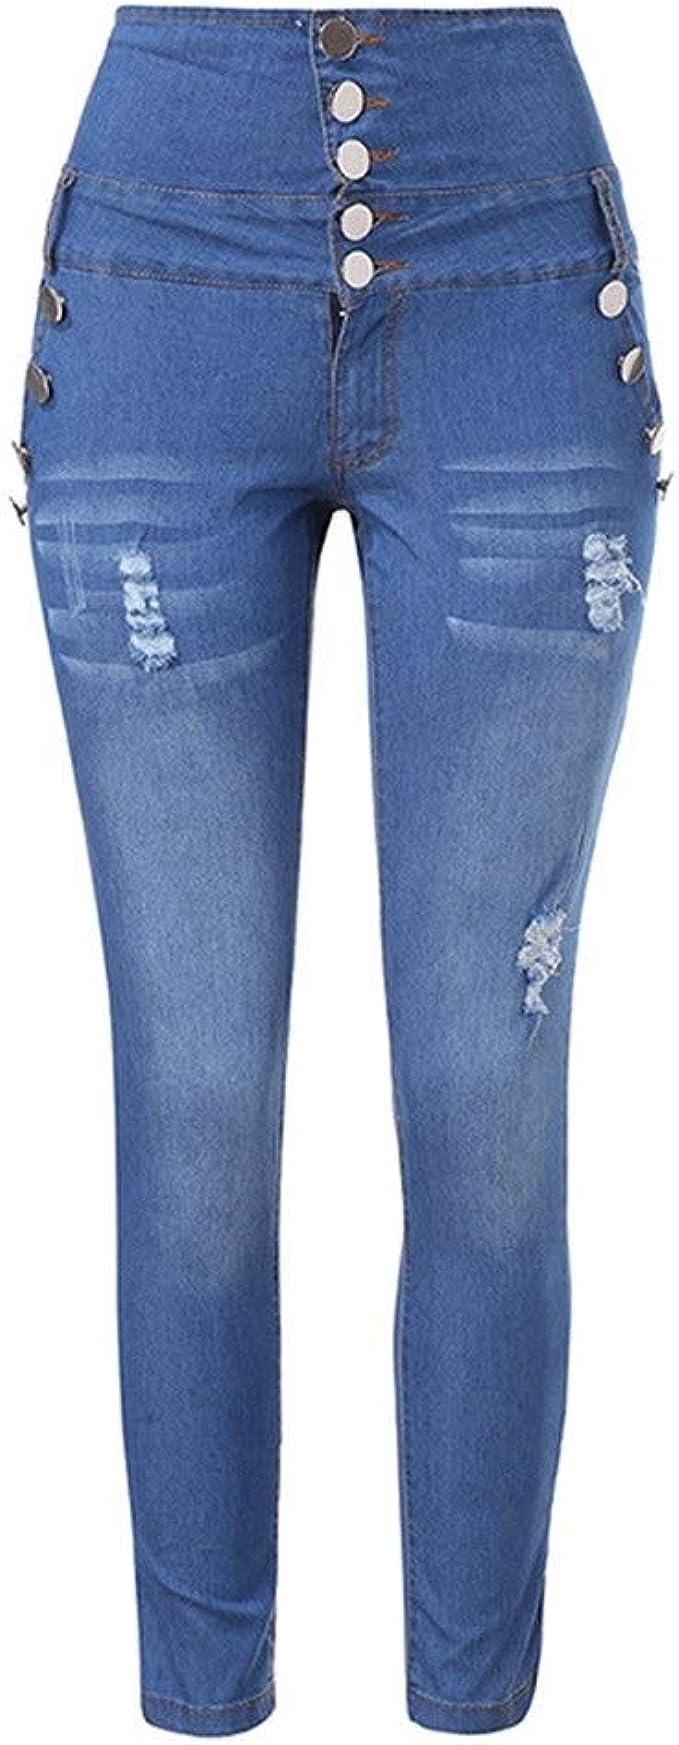 Henshixin De Las Mujeres Dingkou Los Pantalones Vaqueros De Cintura Alta Estiran Los Pantalones Vaqueros Pantalones Comodos Color Blue Size 2xl Amazon Es Ropa Y Accesorios